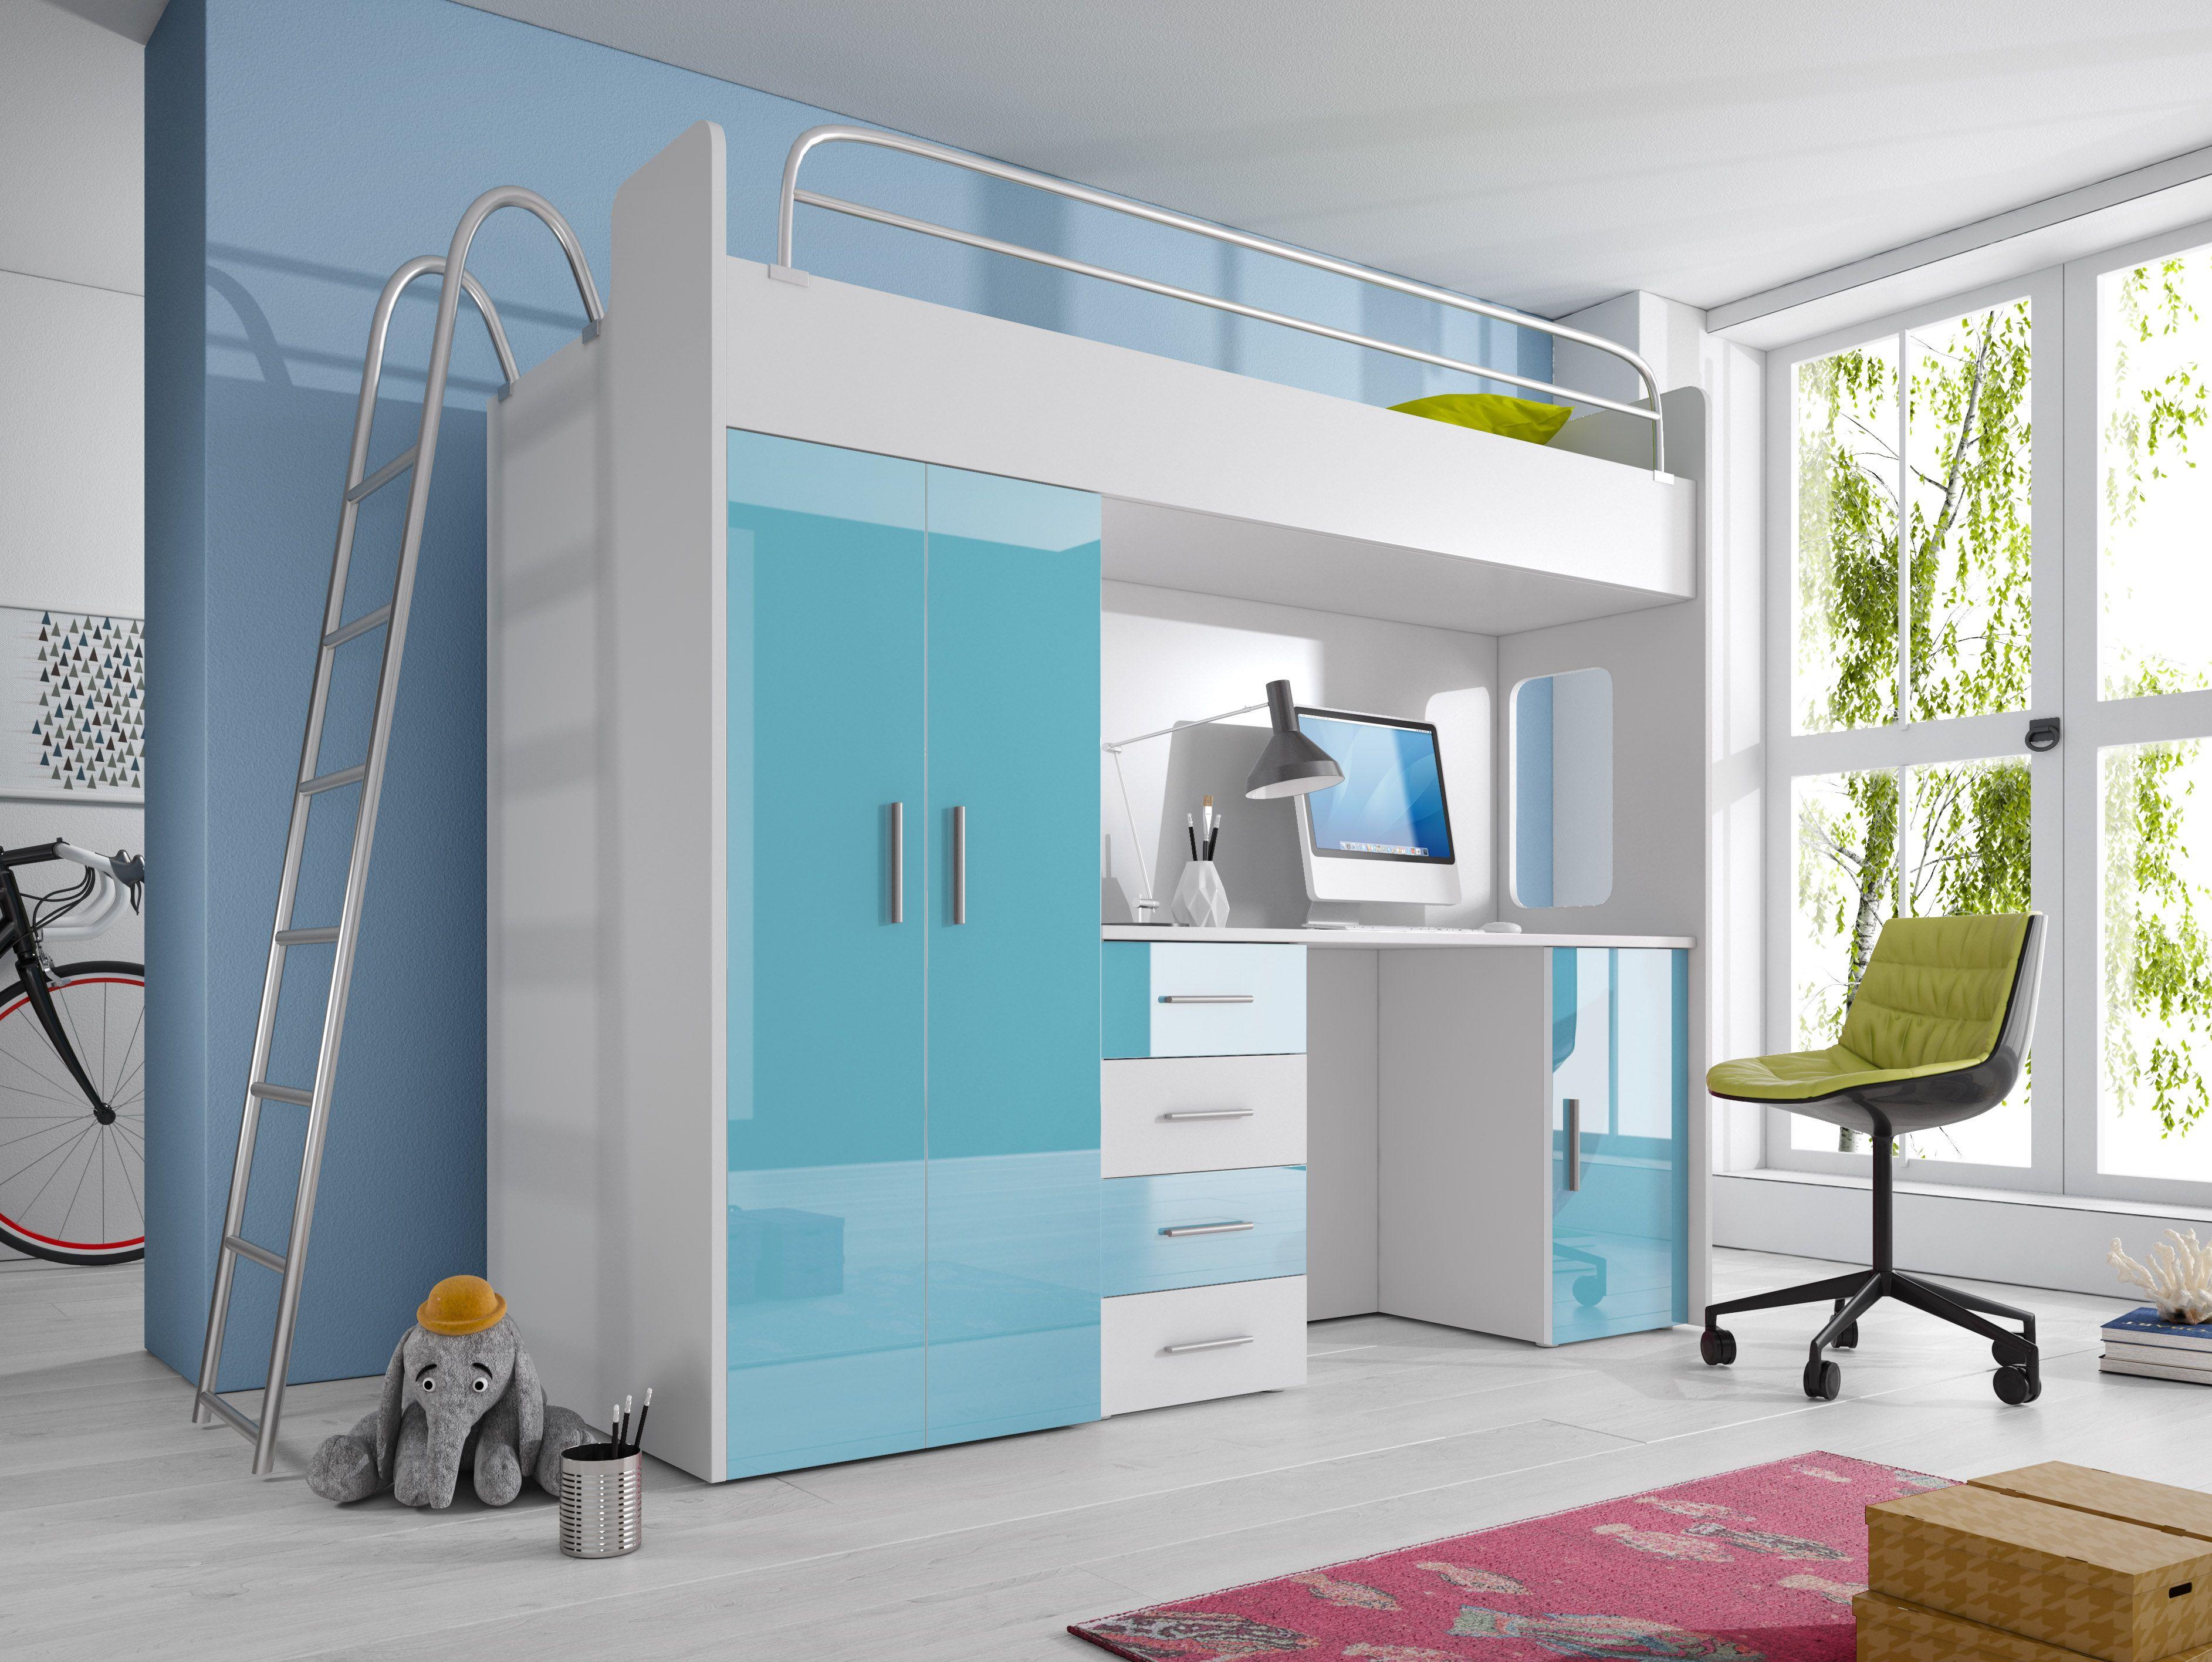 Etagenbett Liegefläche 80 180 : Paradise hochbett 4d azurblau 80x200cm pinterest hochbetten